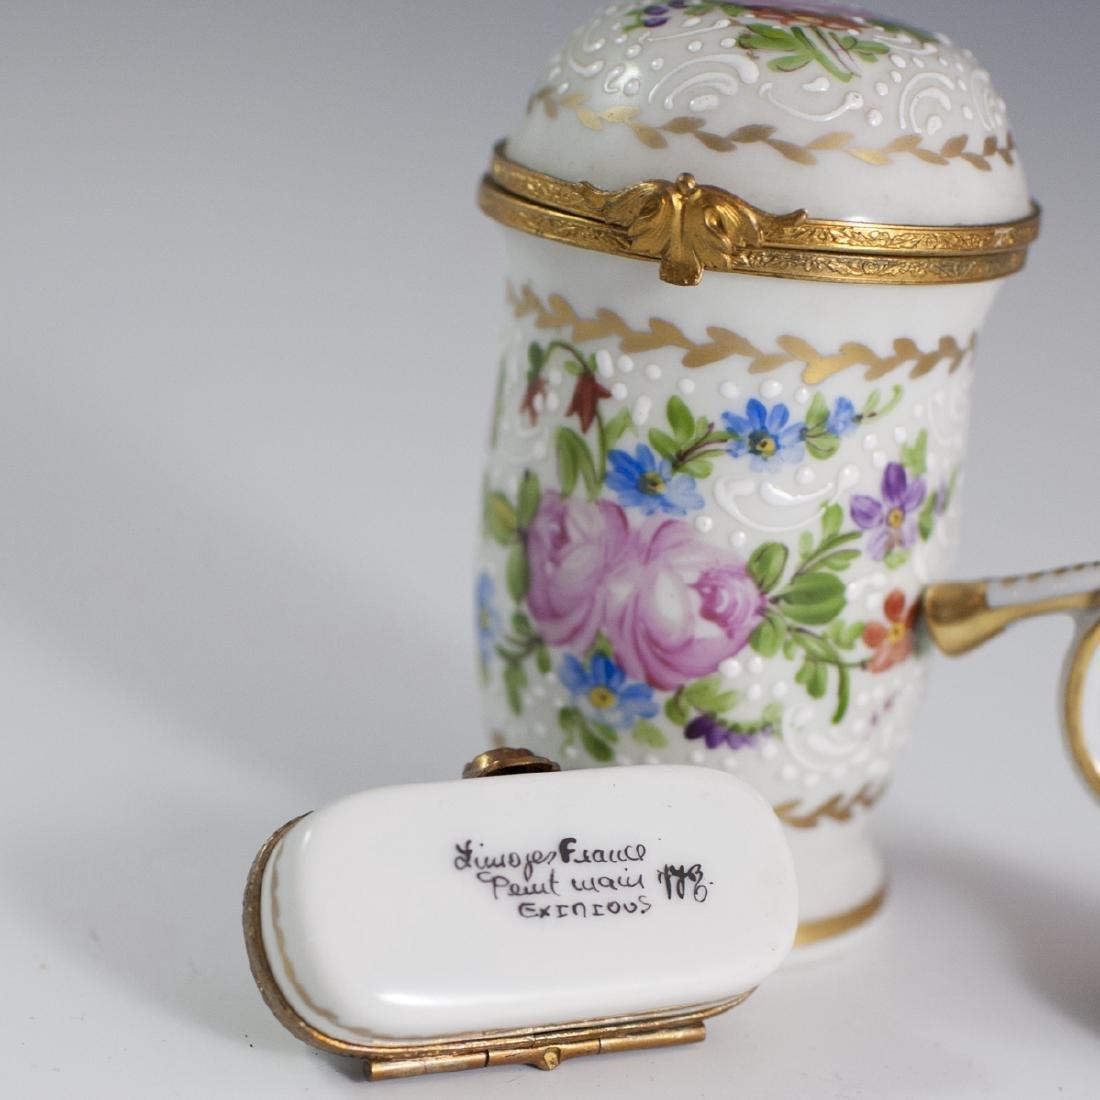 Limoges Porcelain Trinket Boxes - 3